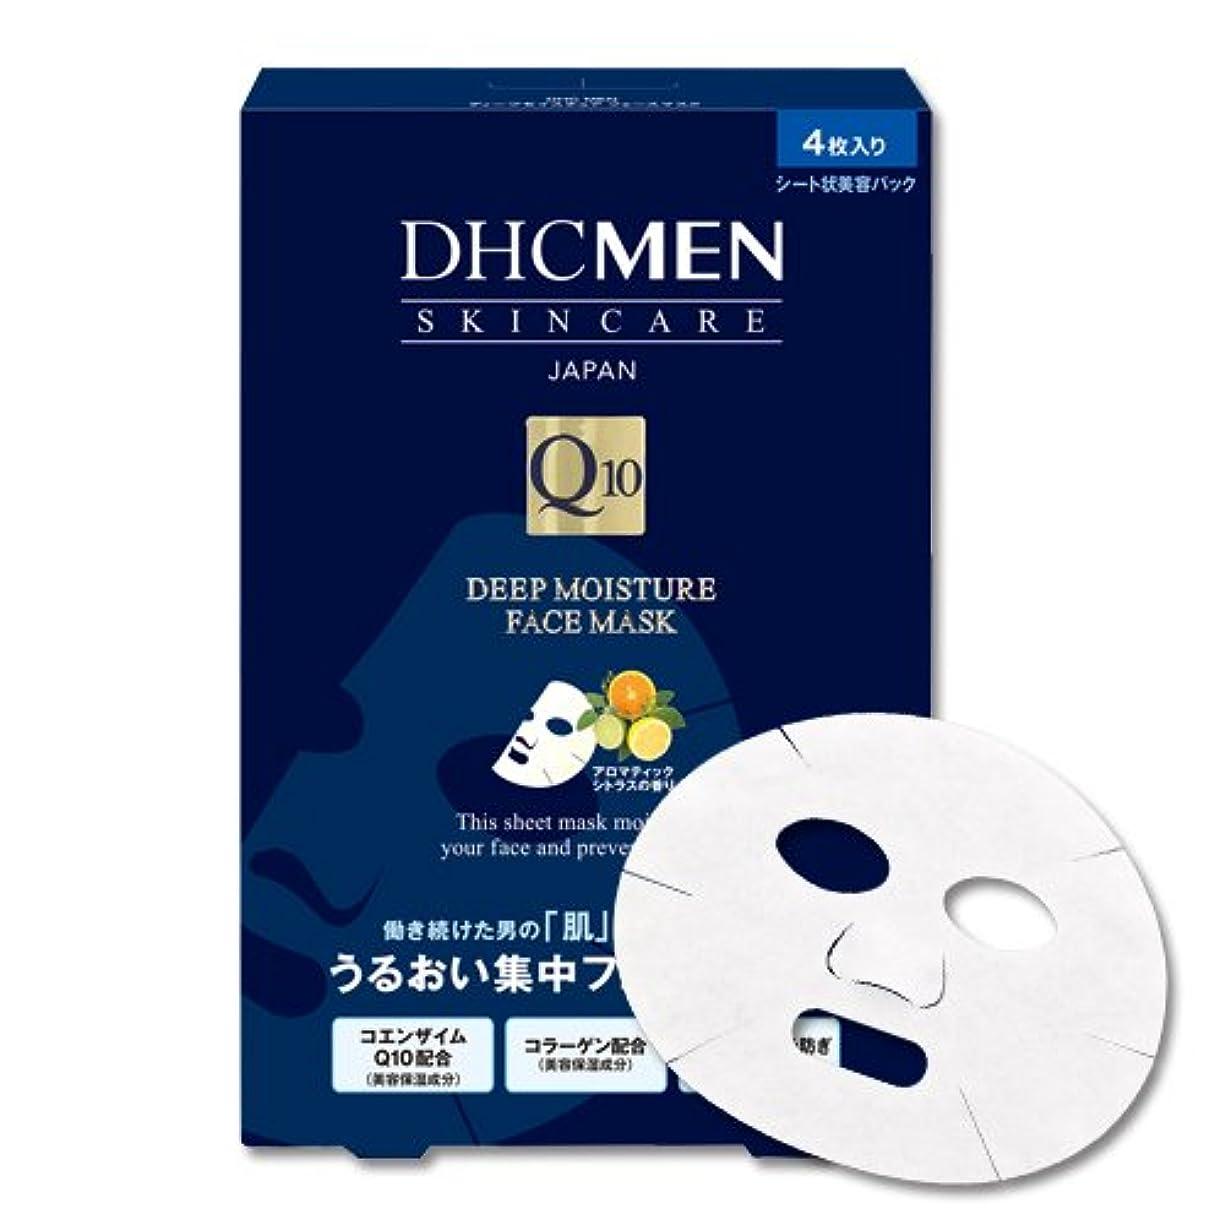 試してみるゴミ風邪をひくDHC MEN ディープモイスチュア フェースマスク